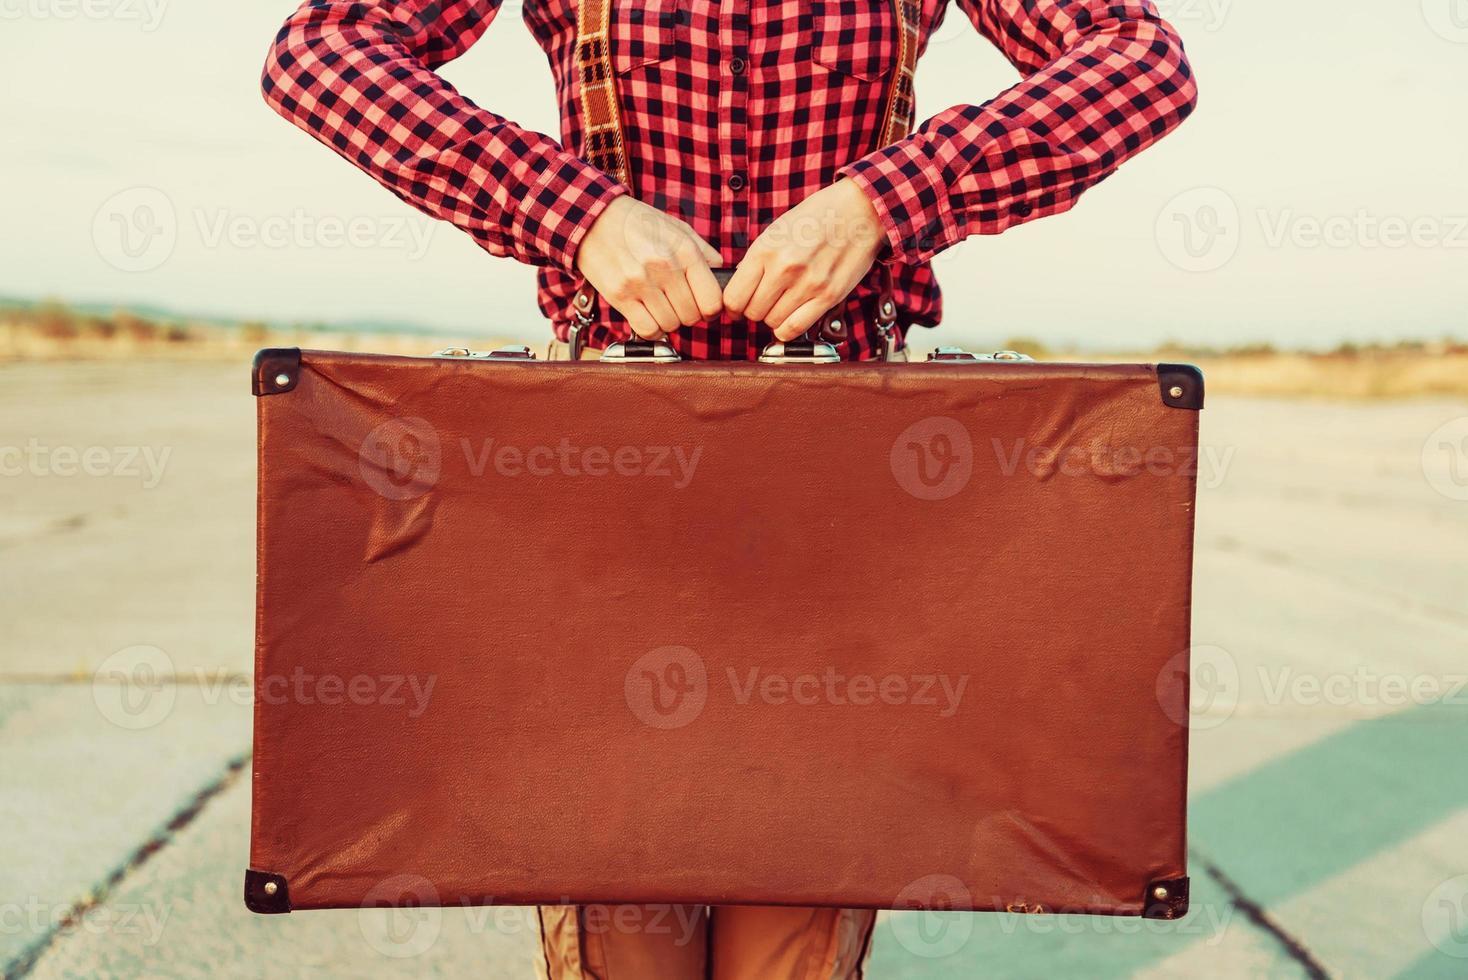 Vintage Koffer, Kopierraum foto